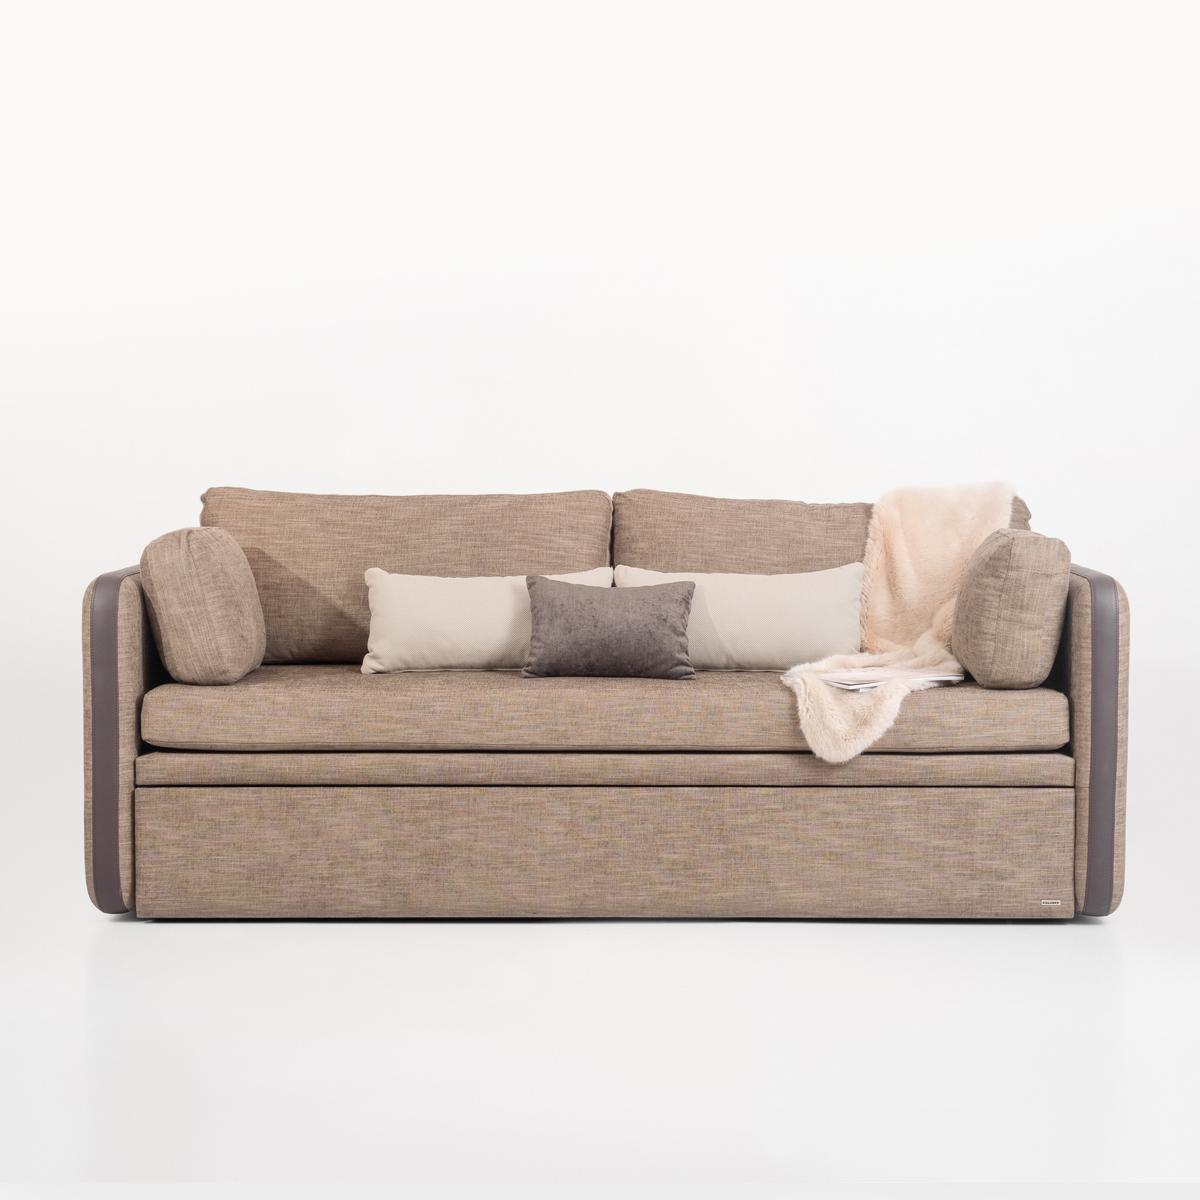 concept Sofá cama Concept colunex concept sofa bed 01